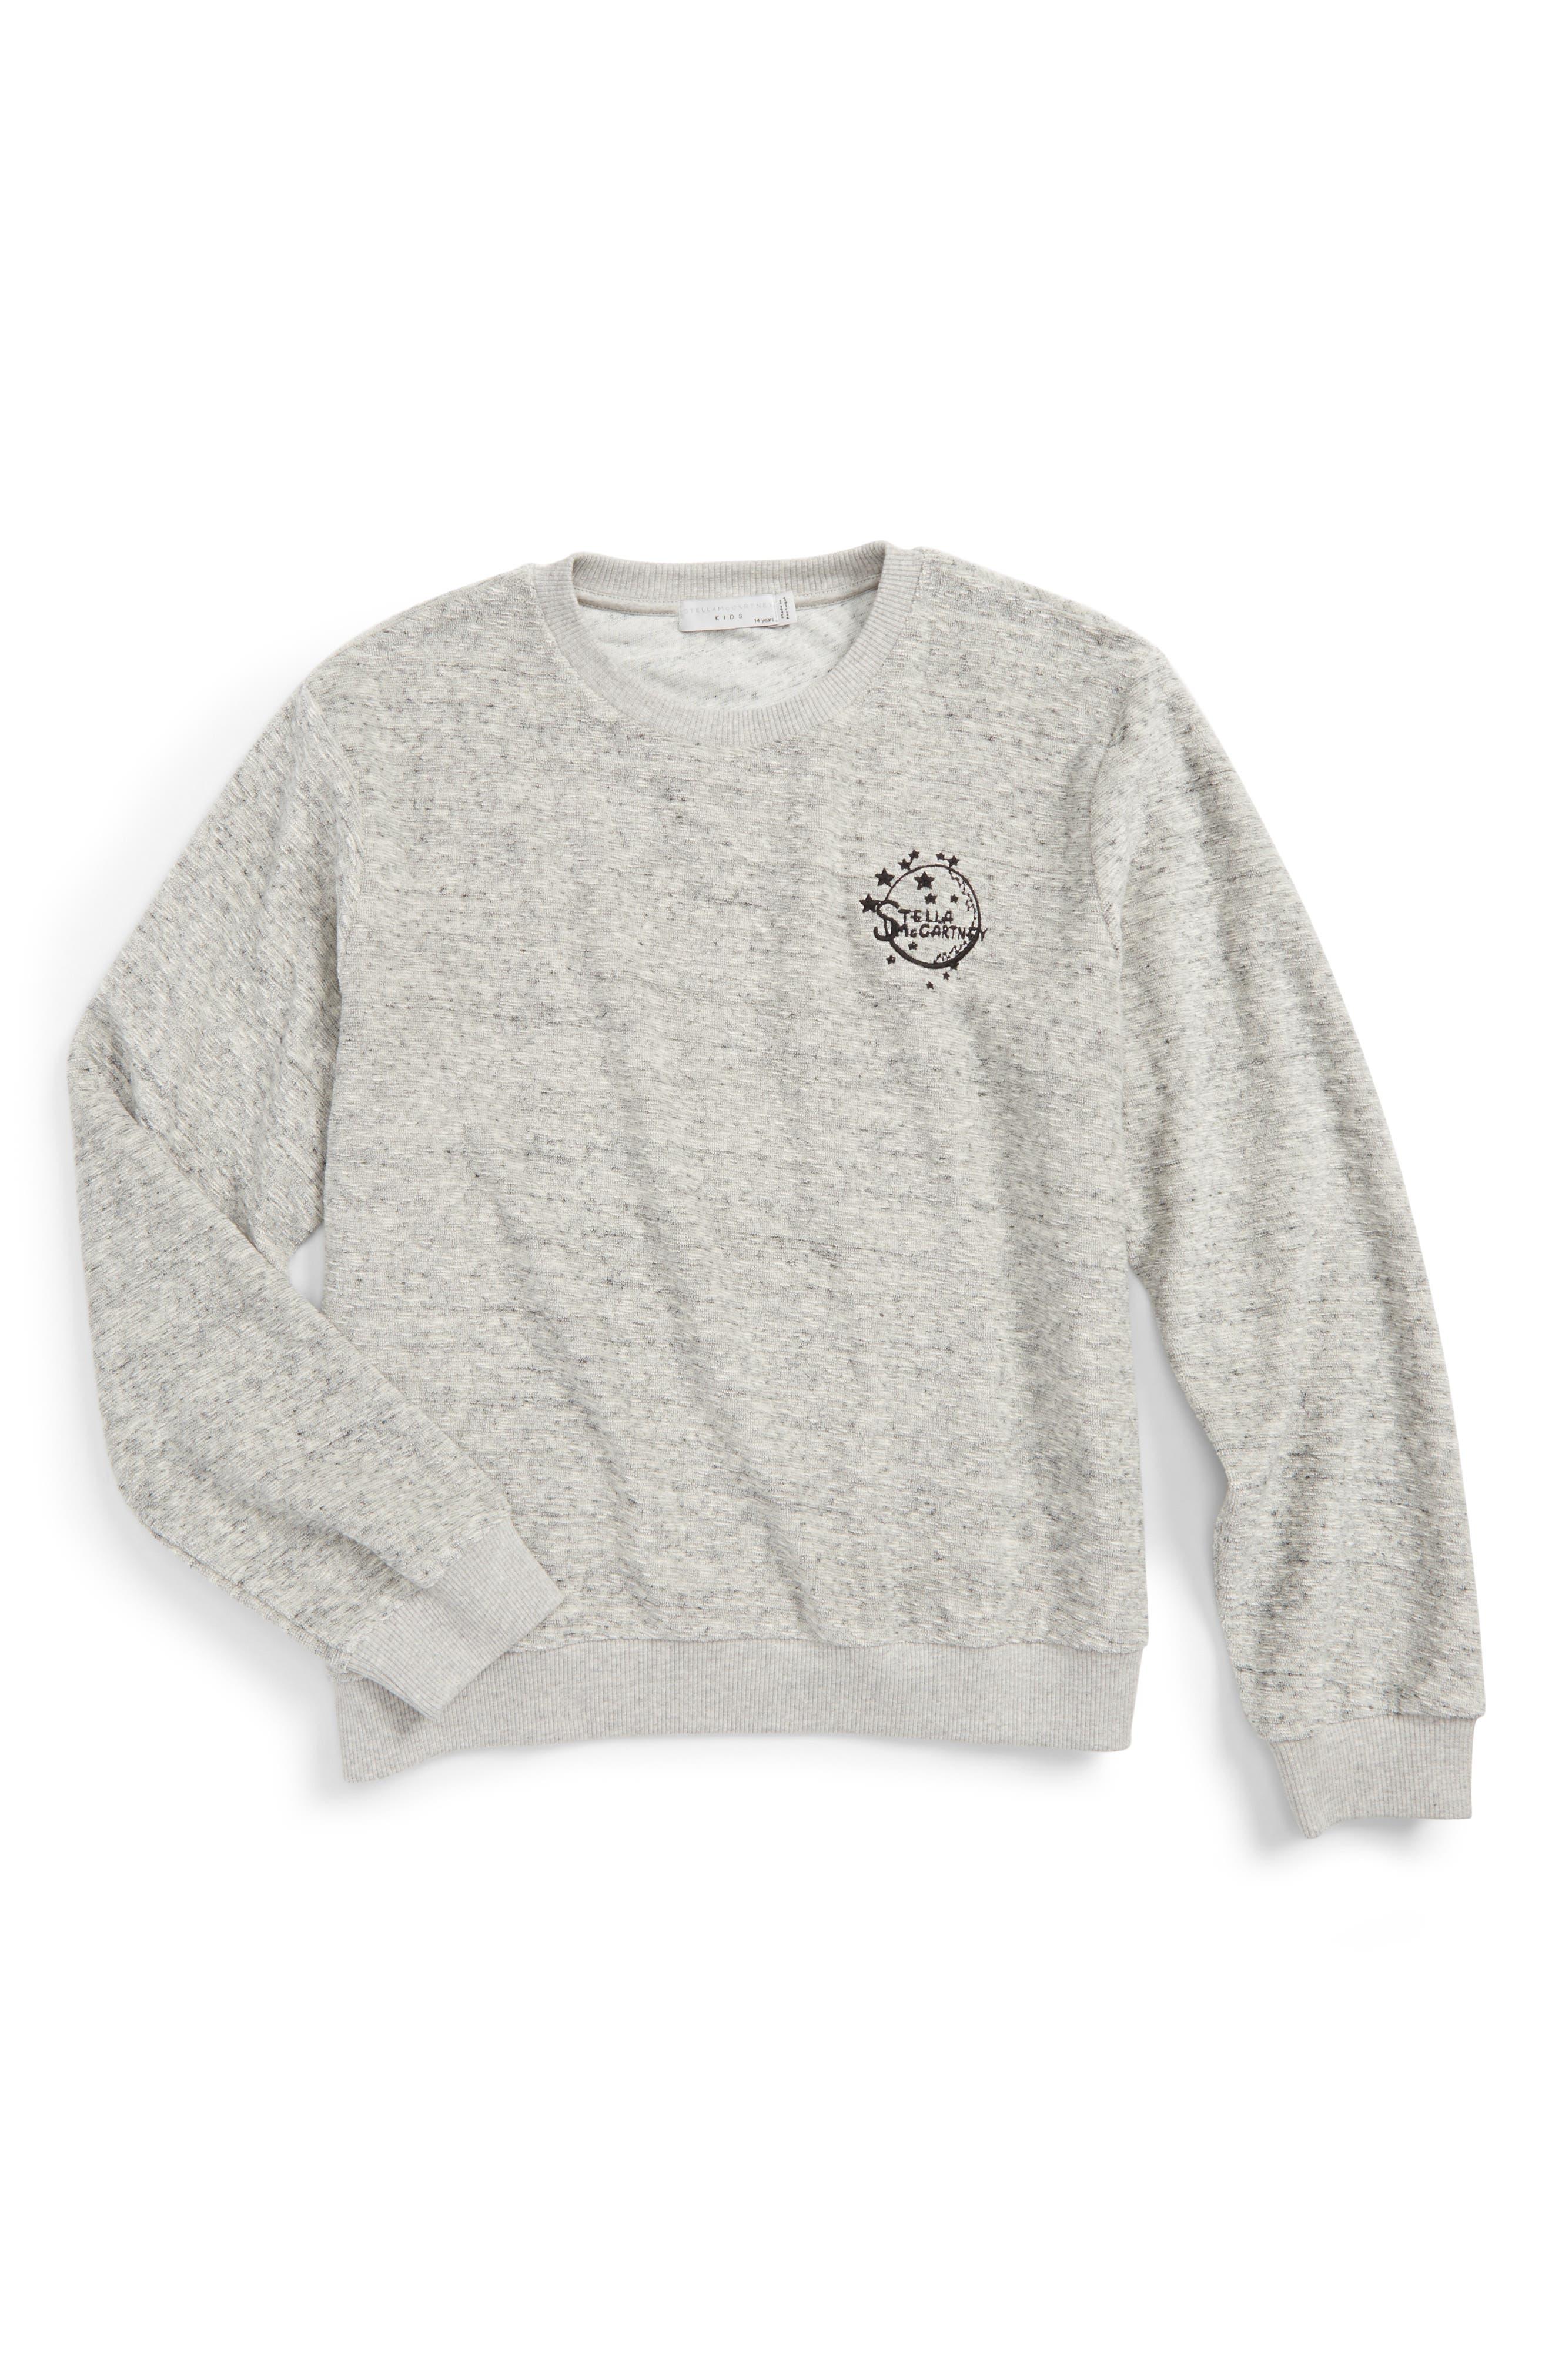 Moon Sweatshirt,                             Main thumbnail 1, color,                             060